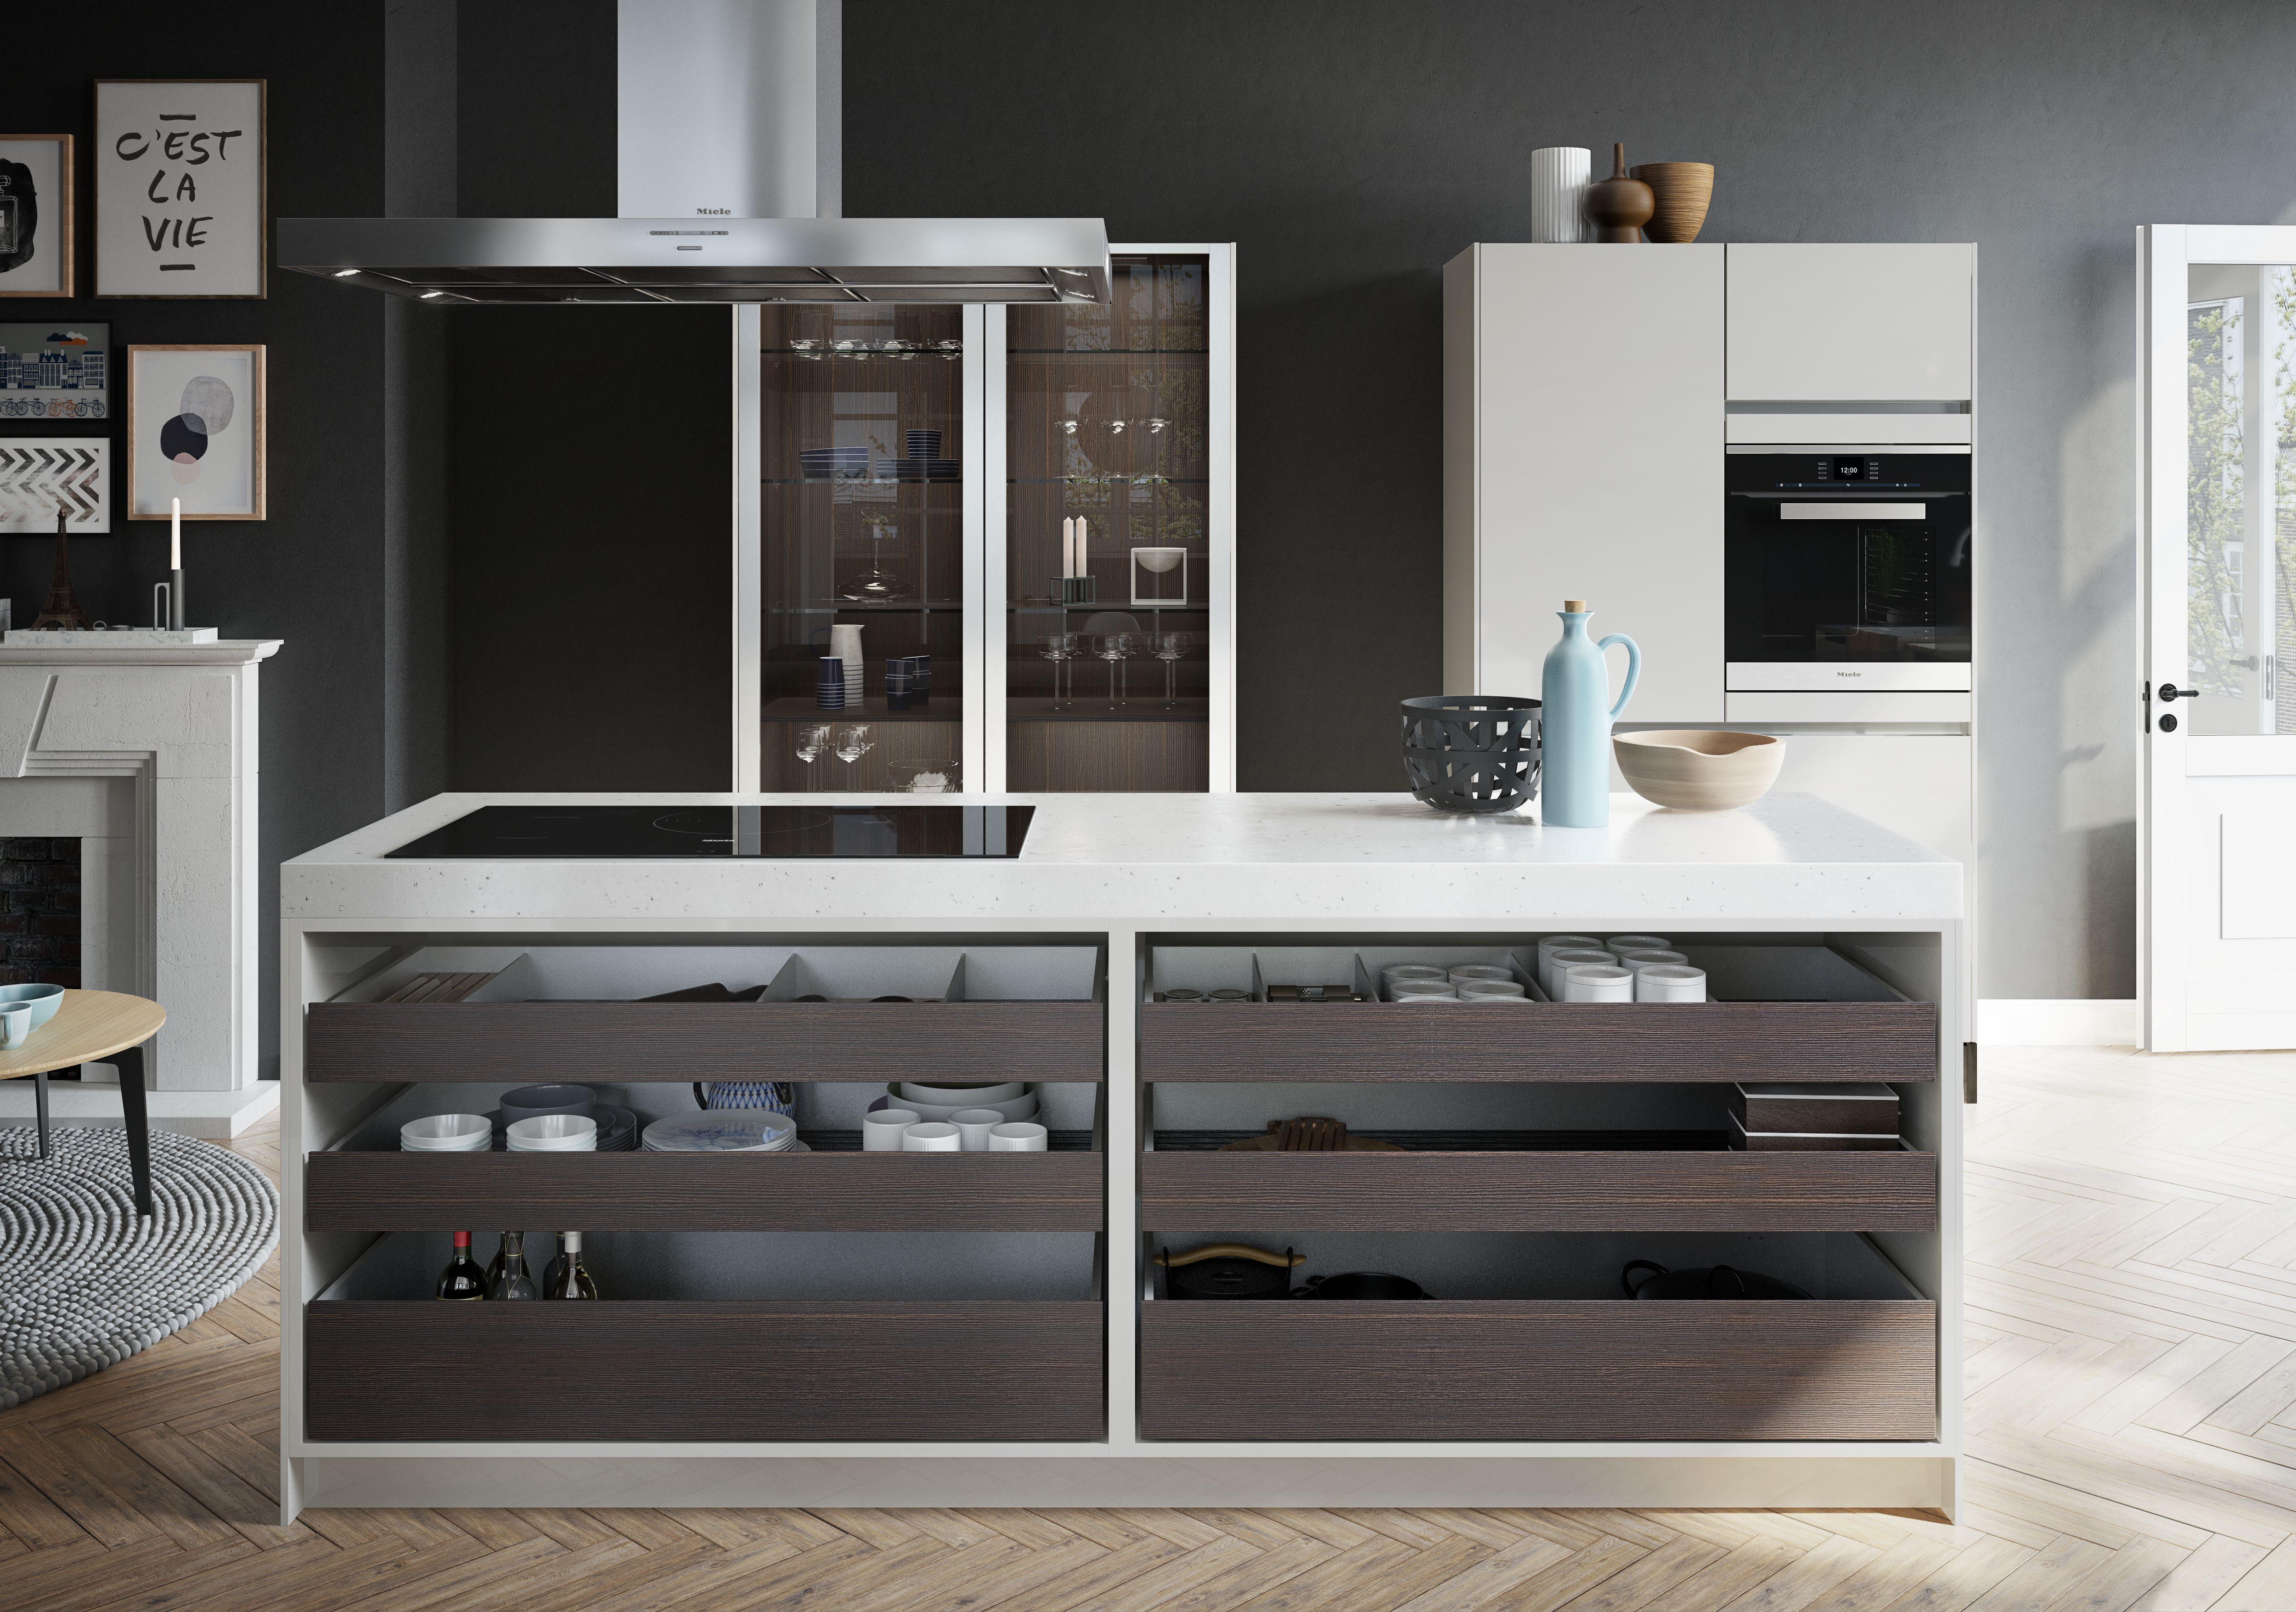 pin on siematic urban kitchen interior design raumplanungskonzepte für die küche on kitchen interior accessories id=60607